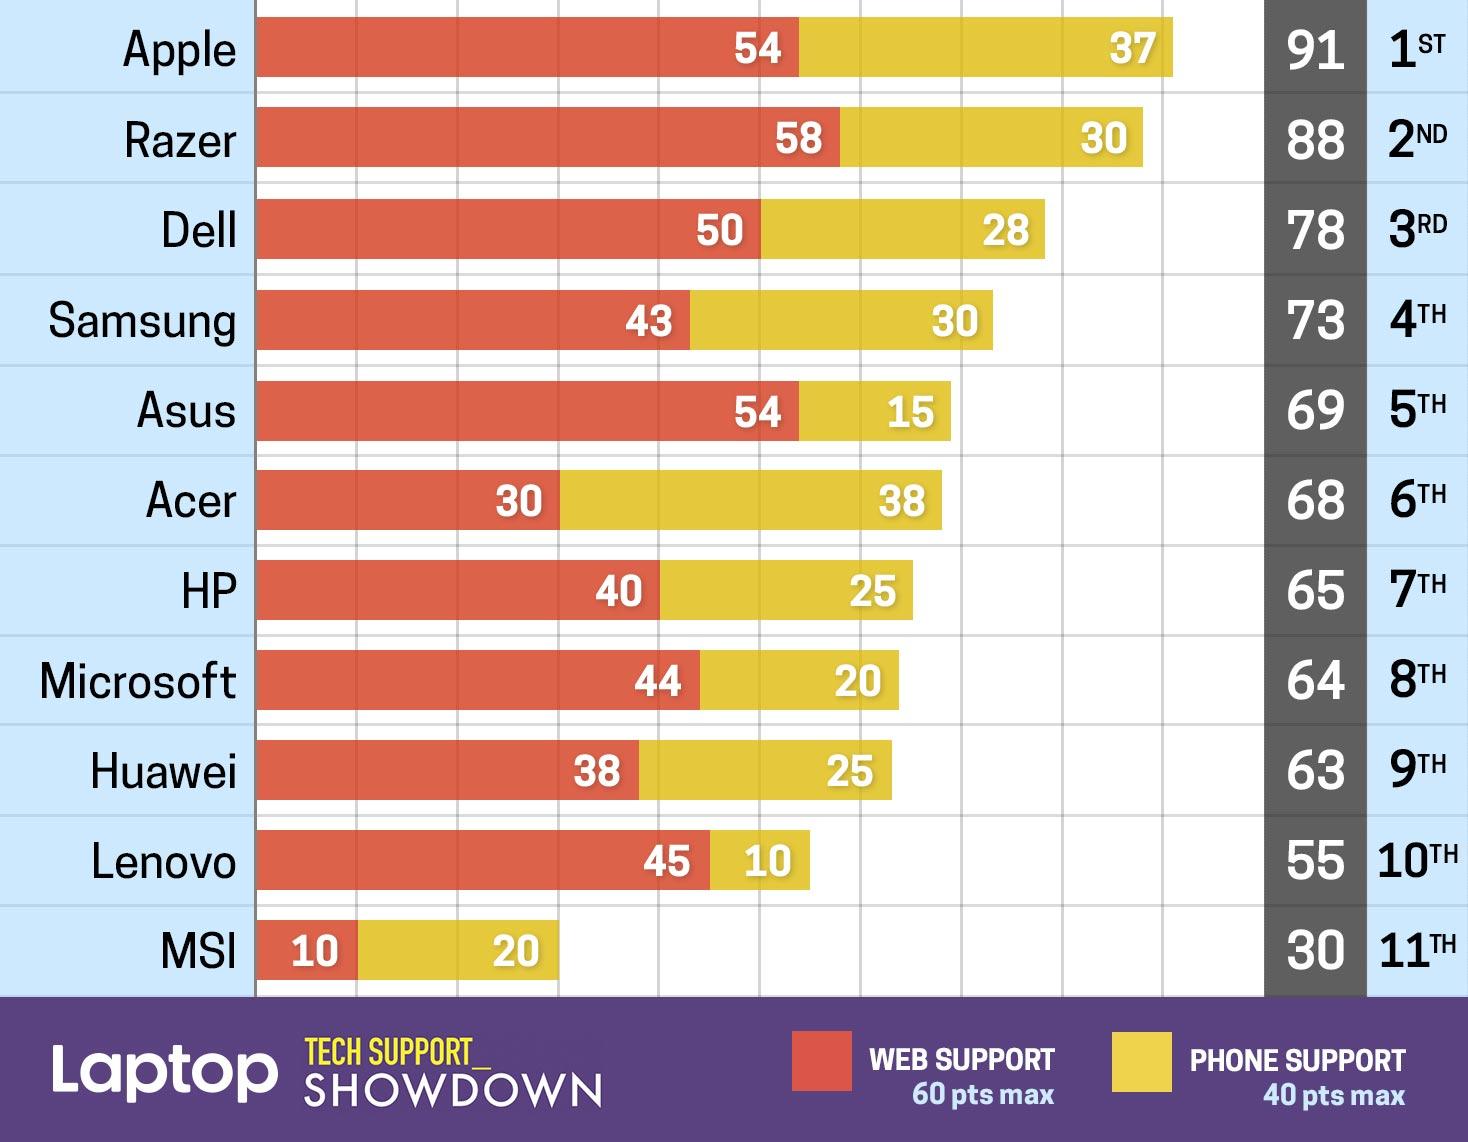 Apple leader lors d'un comparatif des services de support technique pour ordinateurs portables de différentes marques 1